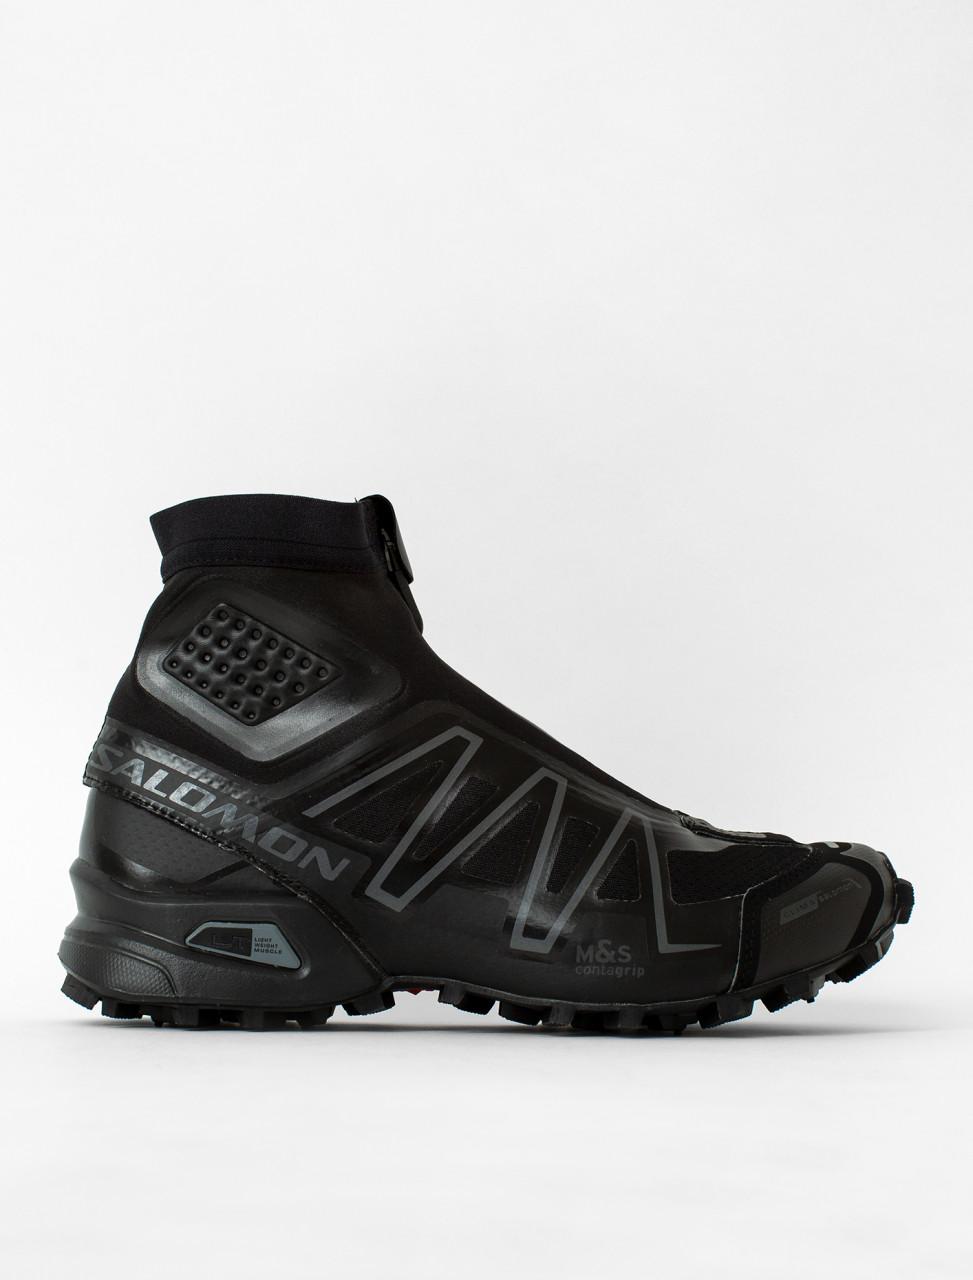 Snowcross ADV LTD Boot